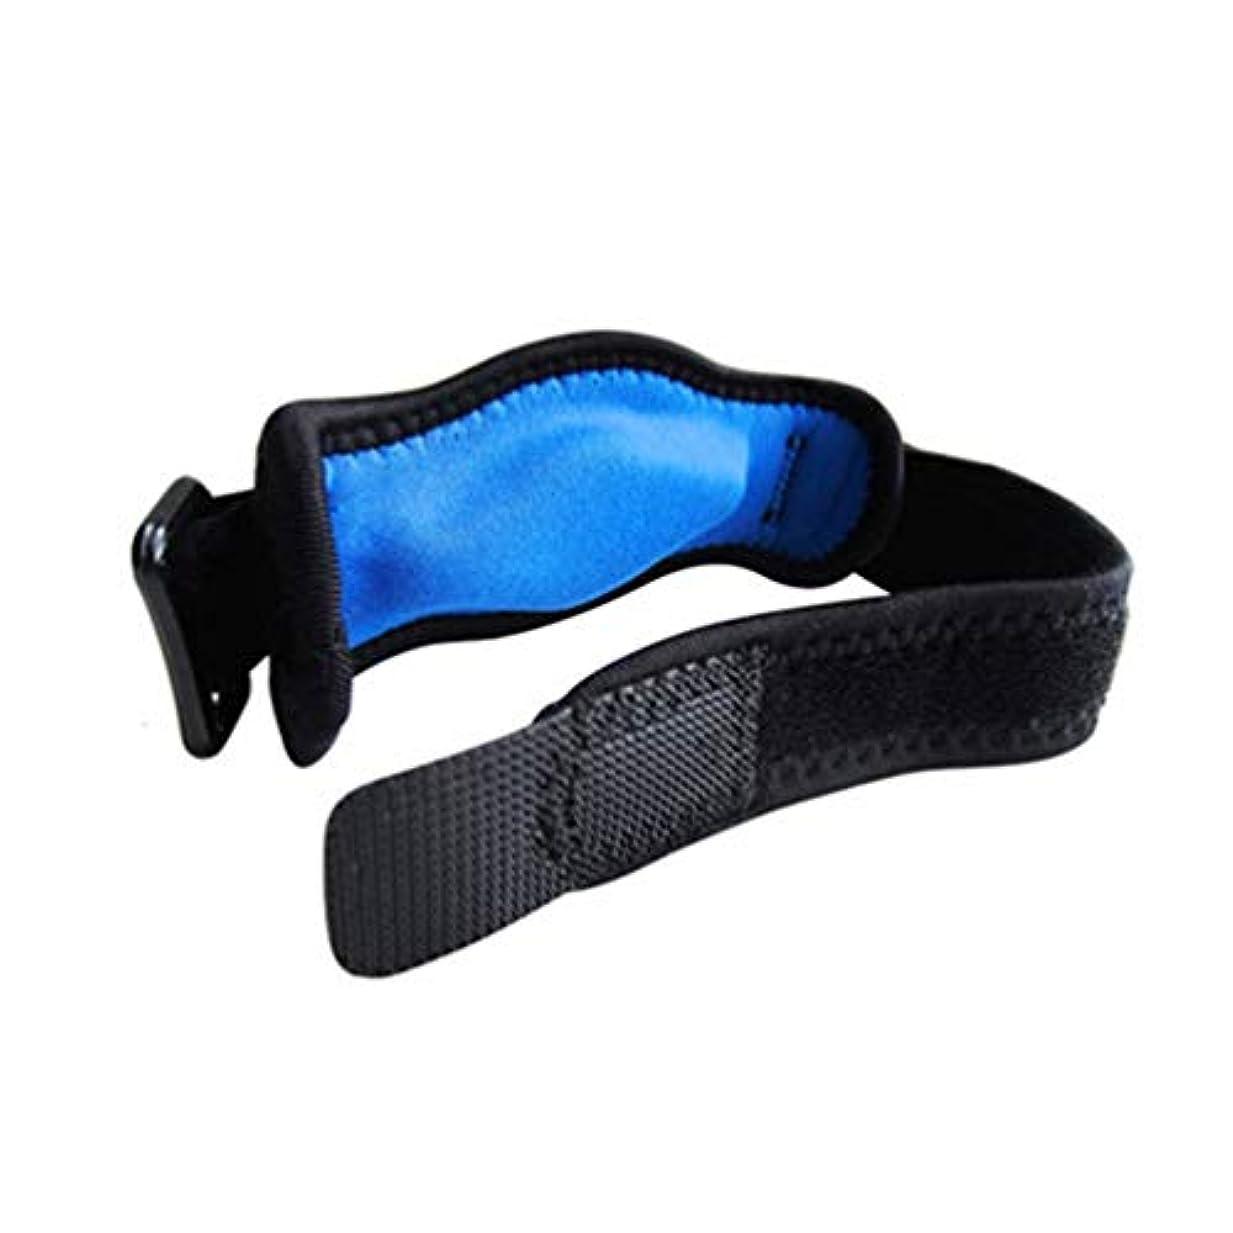 スペース必須人気の調節可能なテニス肘サポートストラップブレースゴルフ前腕痛み緩和 - 黒